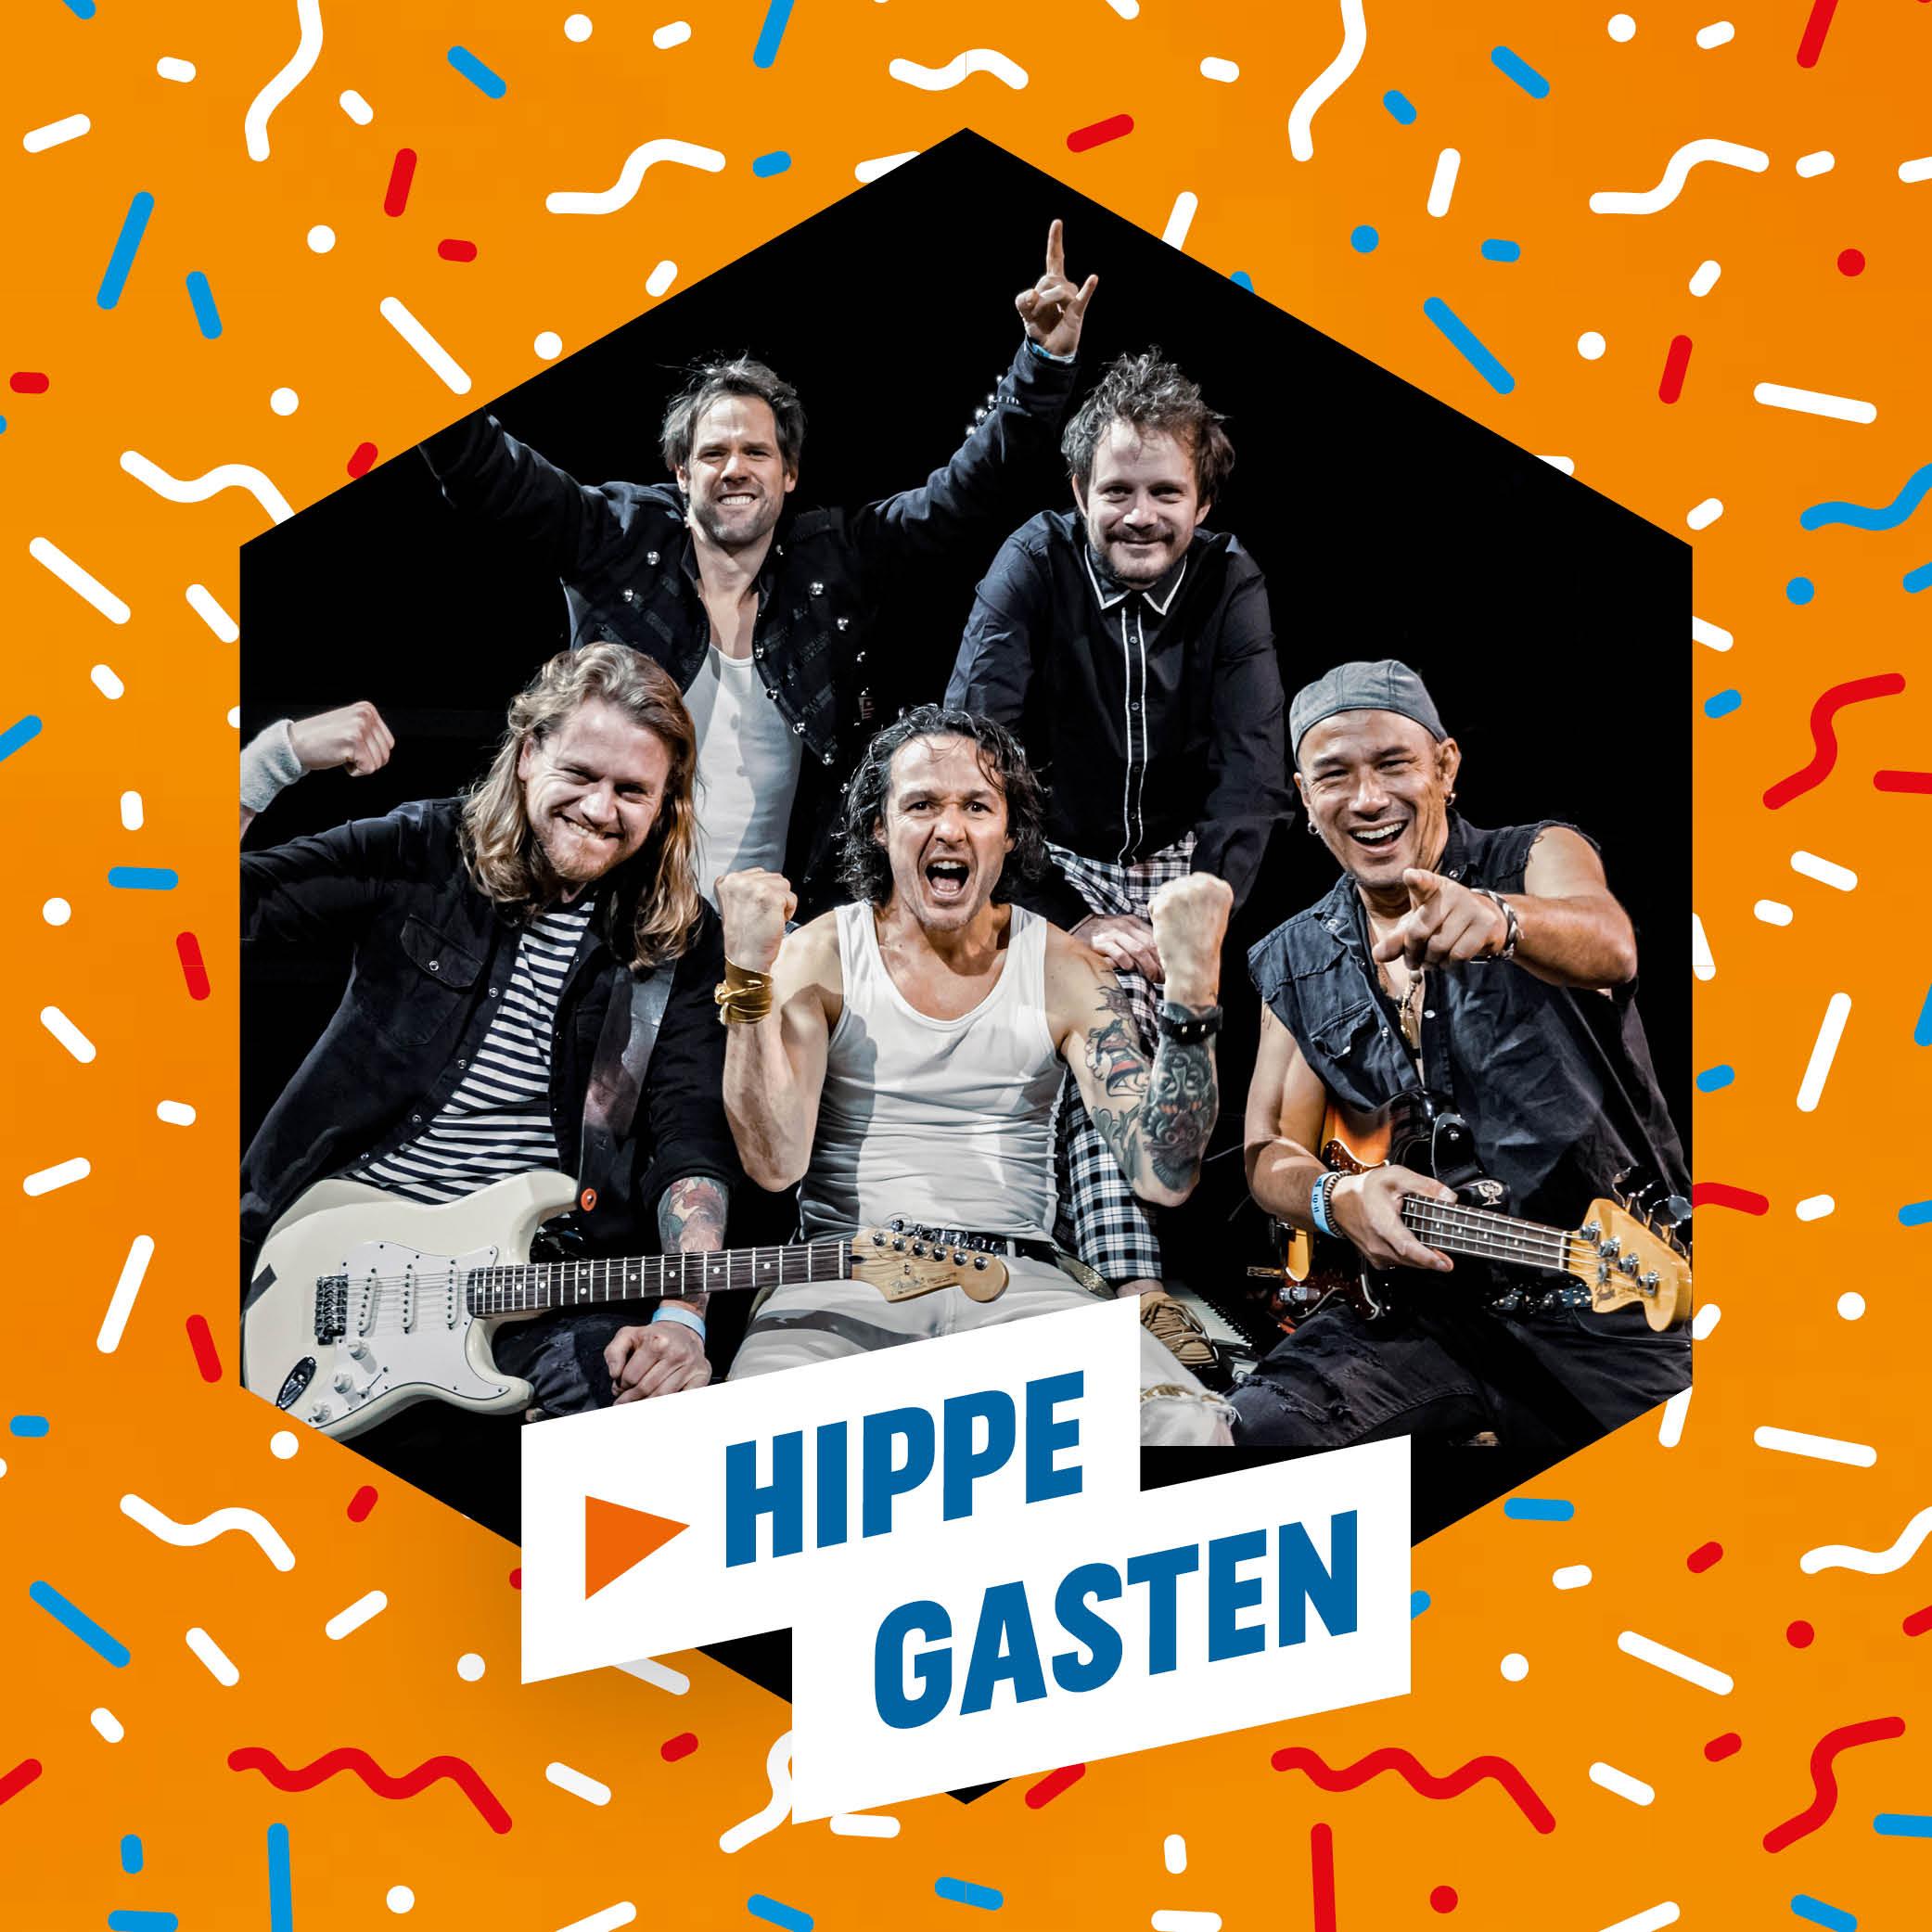 HIPPE GASTEN